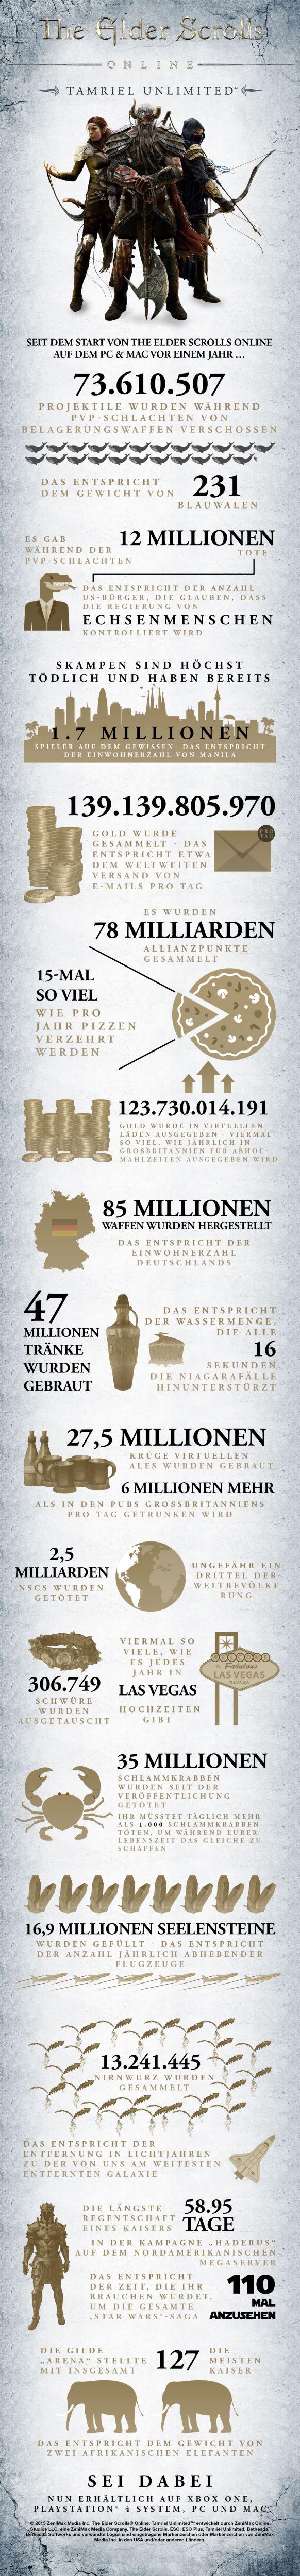 ESO-Infografik